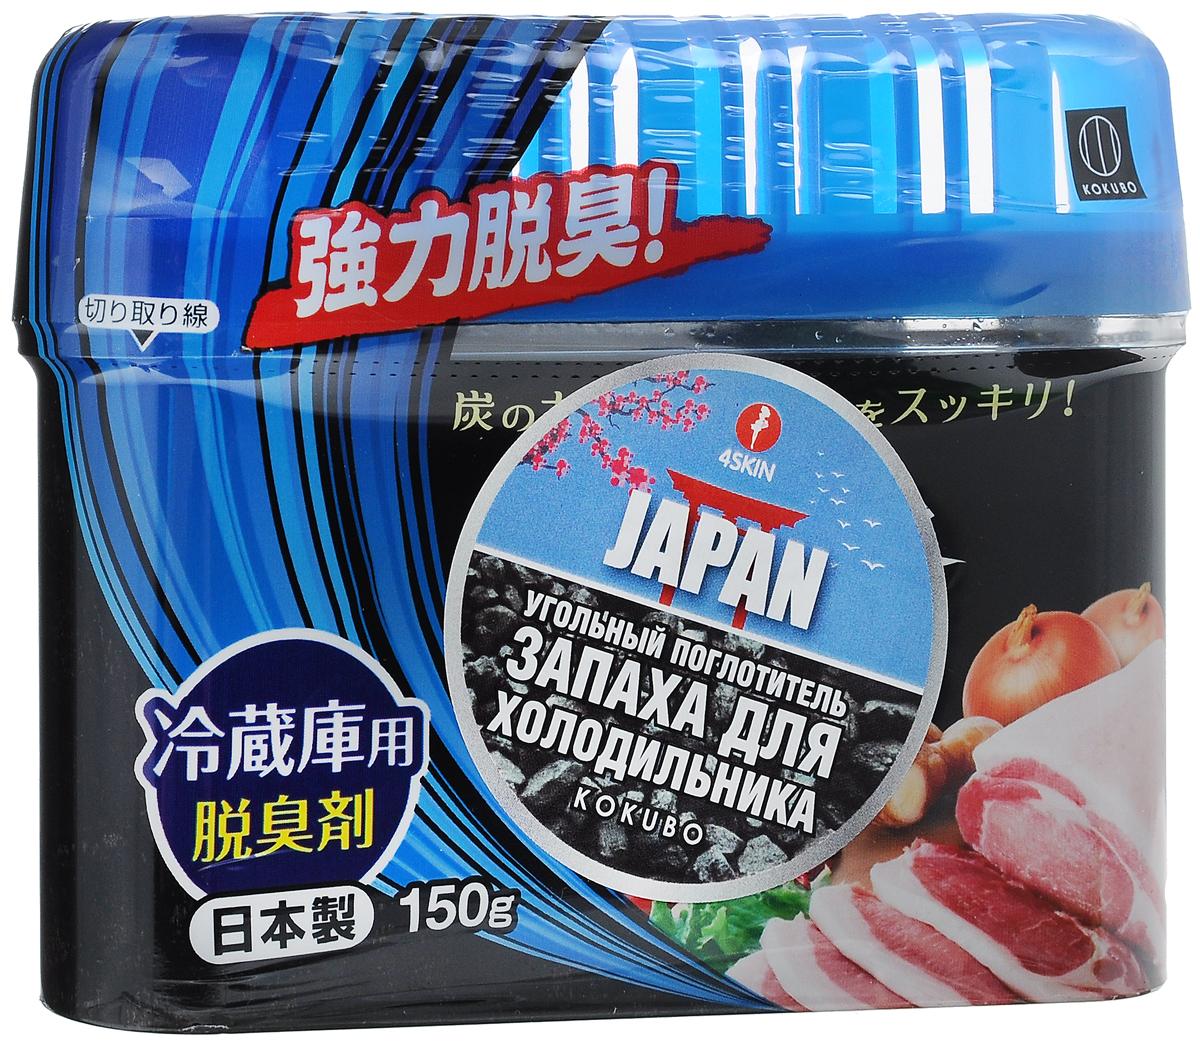 Поглотитель запаха для холодильника KOKUBO Sumi-Ban, 150 гВетерок 2ГФПоглотитель запаха для холодильника KOKUBO Sumi-Ban поглощает неприятные запахи, даже очень резкие и стойкие. Способствует долгому сохранению свежести и вкусовых качеств продуктов в холодильнике. Содержит древесный уголь, благодаря которому обеспечивается длительный антибактериальный эффект. Продолжительность действия до 2-х месяцев при объеме холодильника до 450-ти литров. Состав: очищенная вода, гелиевый наполнитель, натуральный дезодорант, уголь. Вес: 150 г.